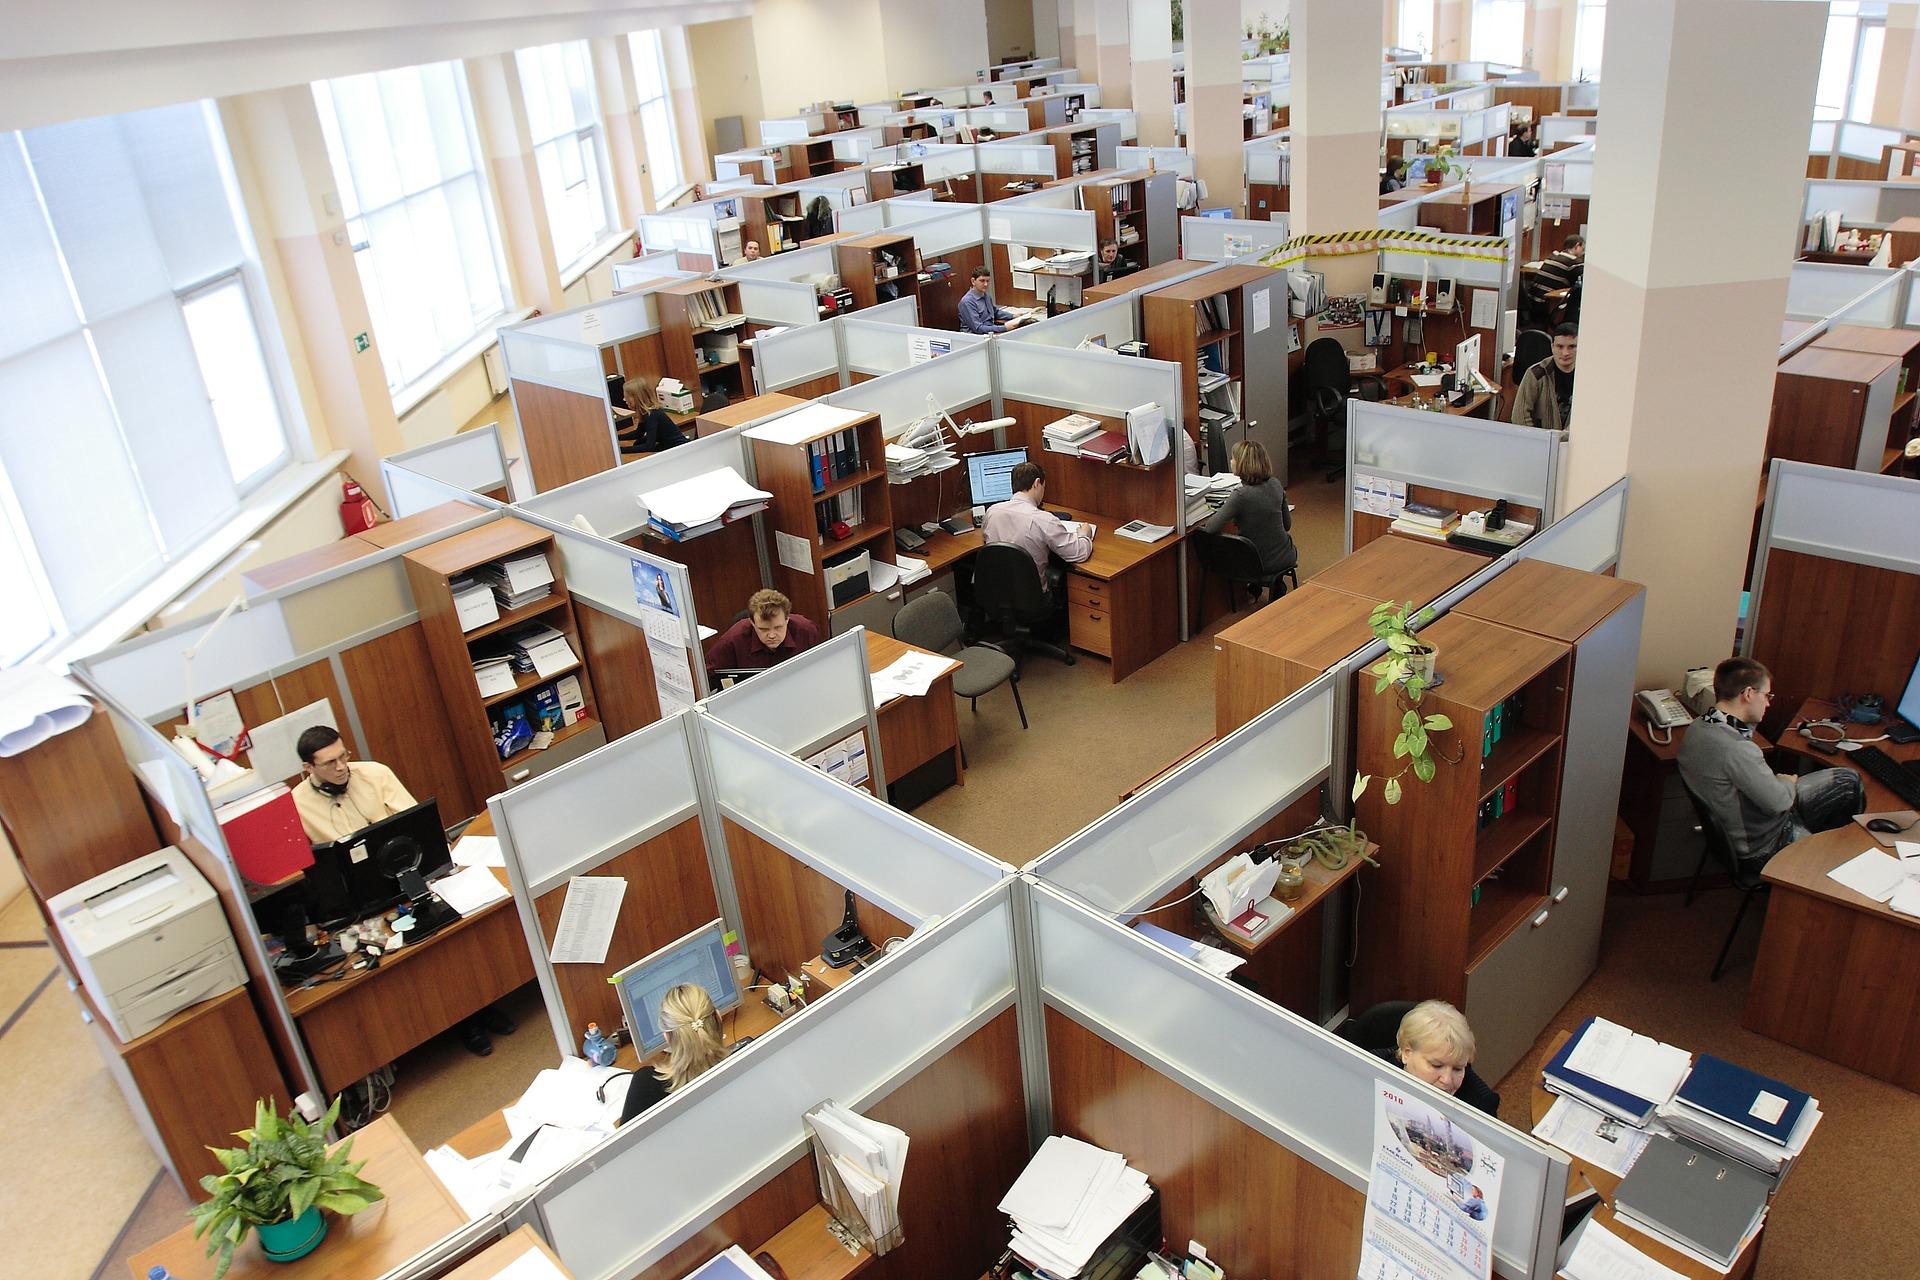 Egymillió egészséges évet veszítünk az irodai zajszennyezés miatt